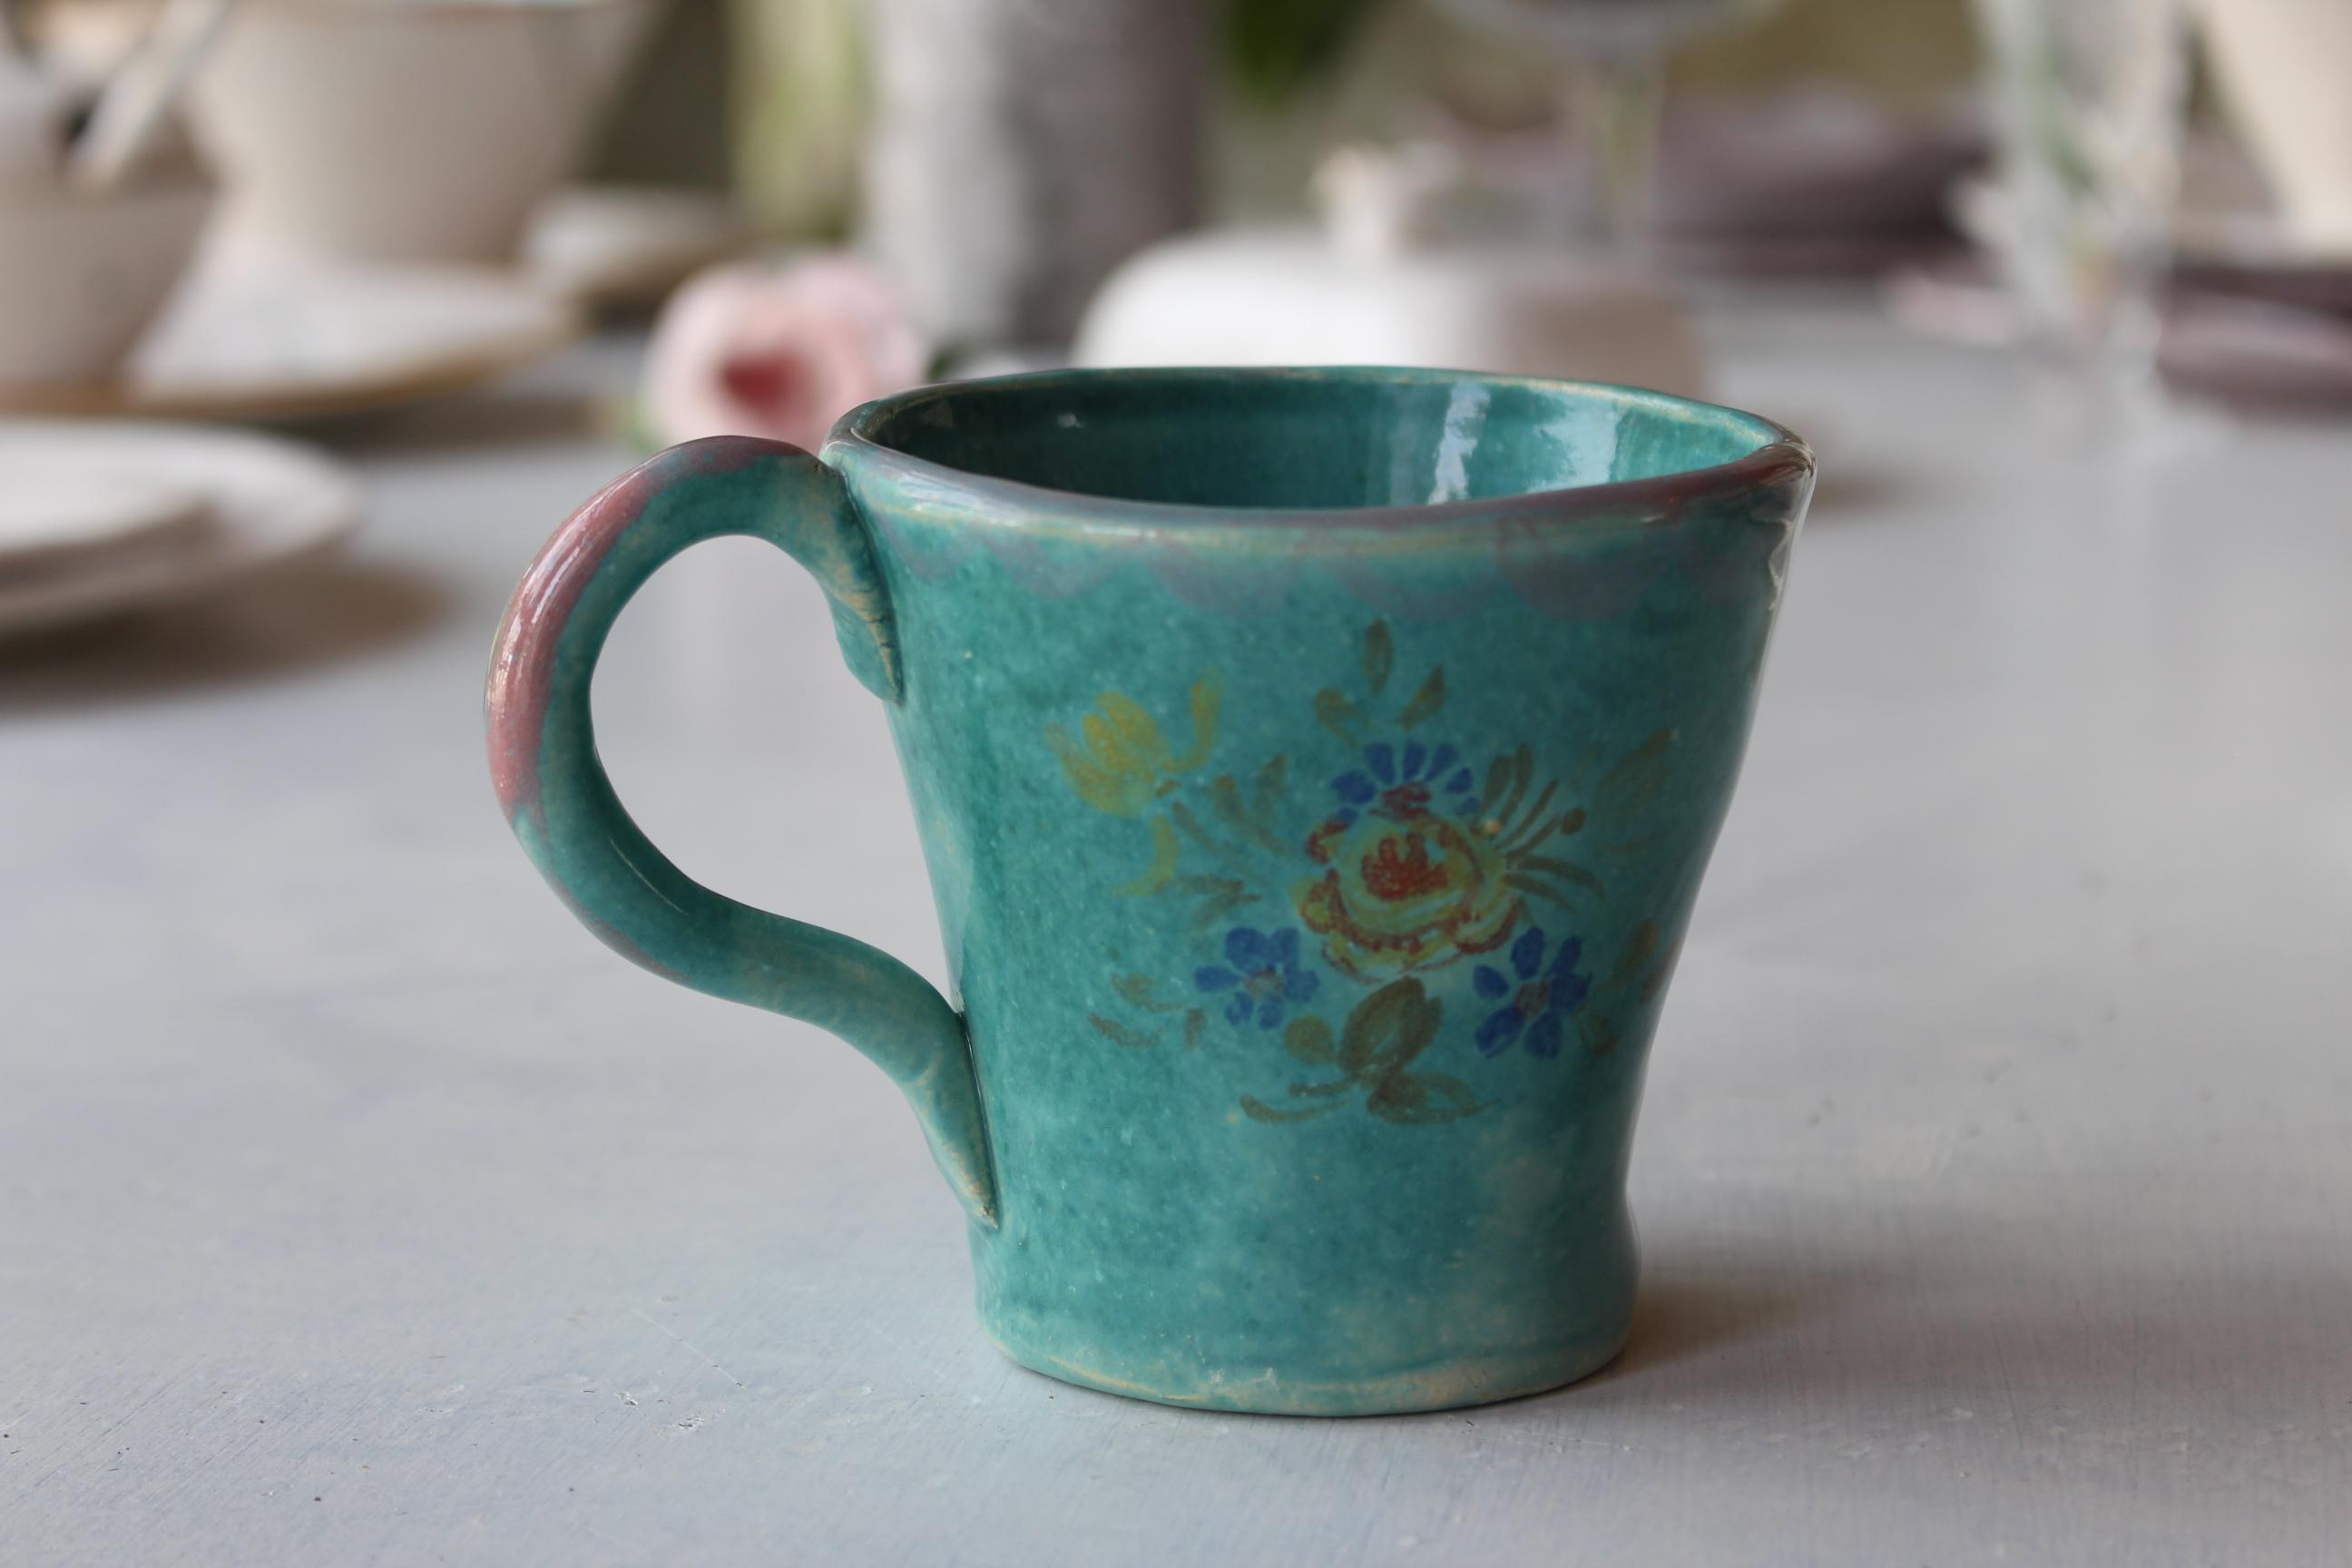 Handgemachte Keramik Tassen kaufen - Keramik Shop